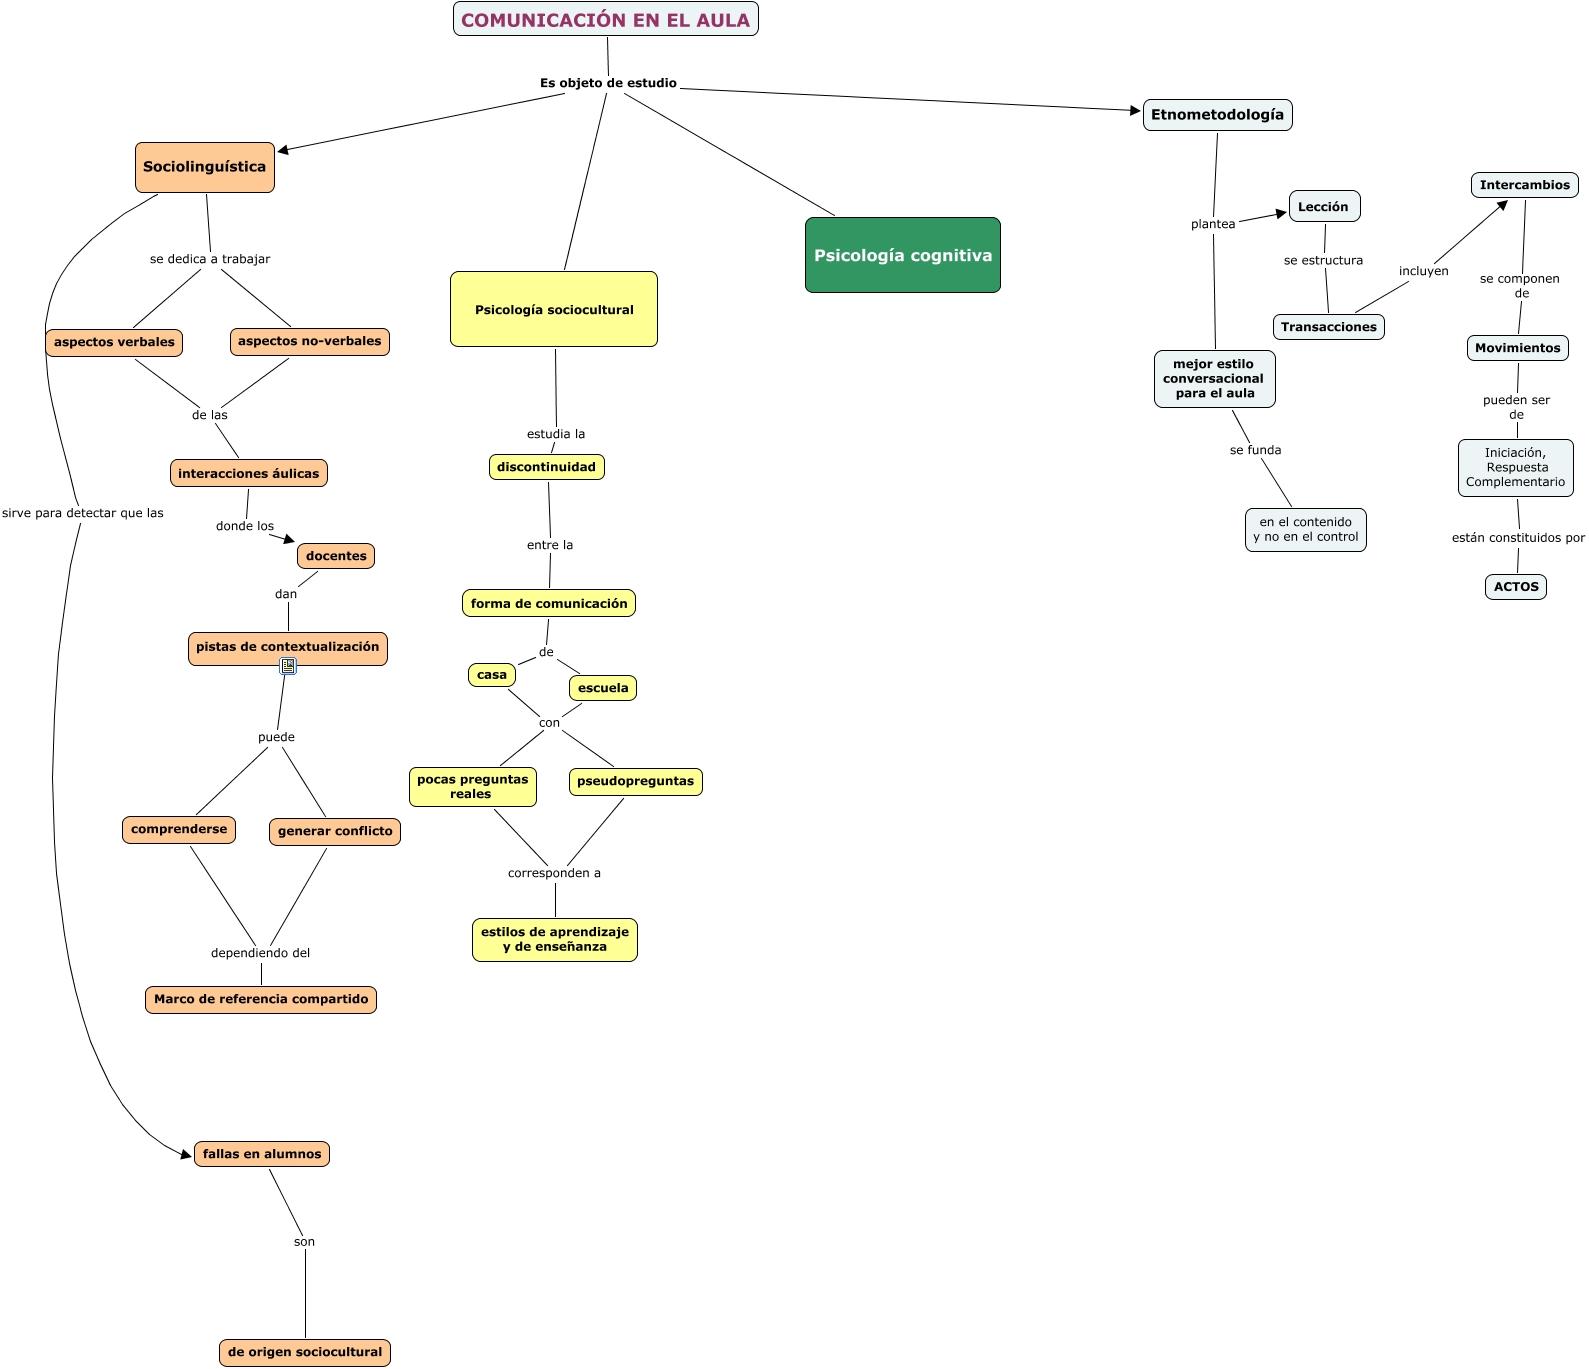 comunicacion aula - qué enfoques teóricos estudian el tema?